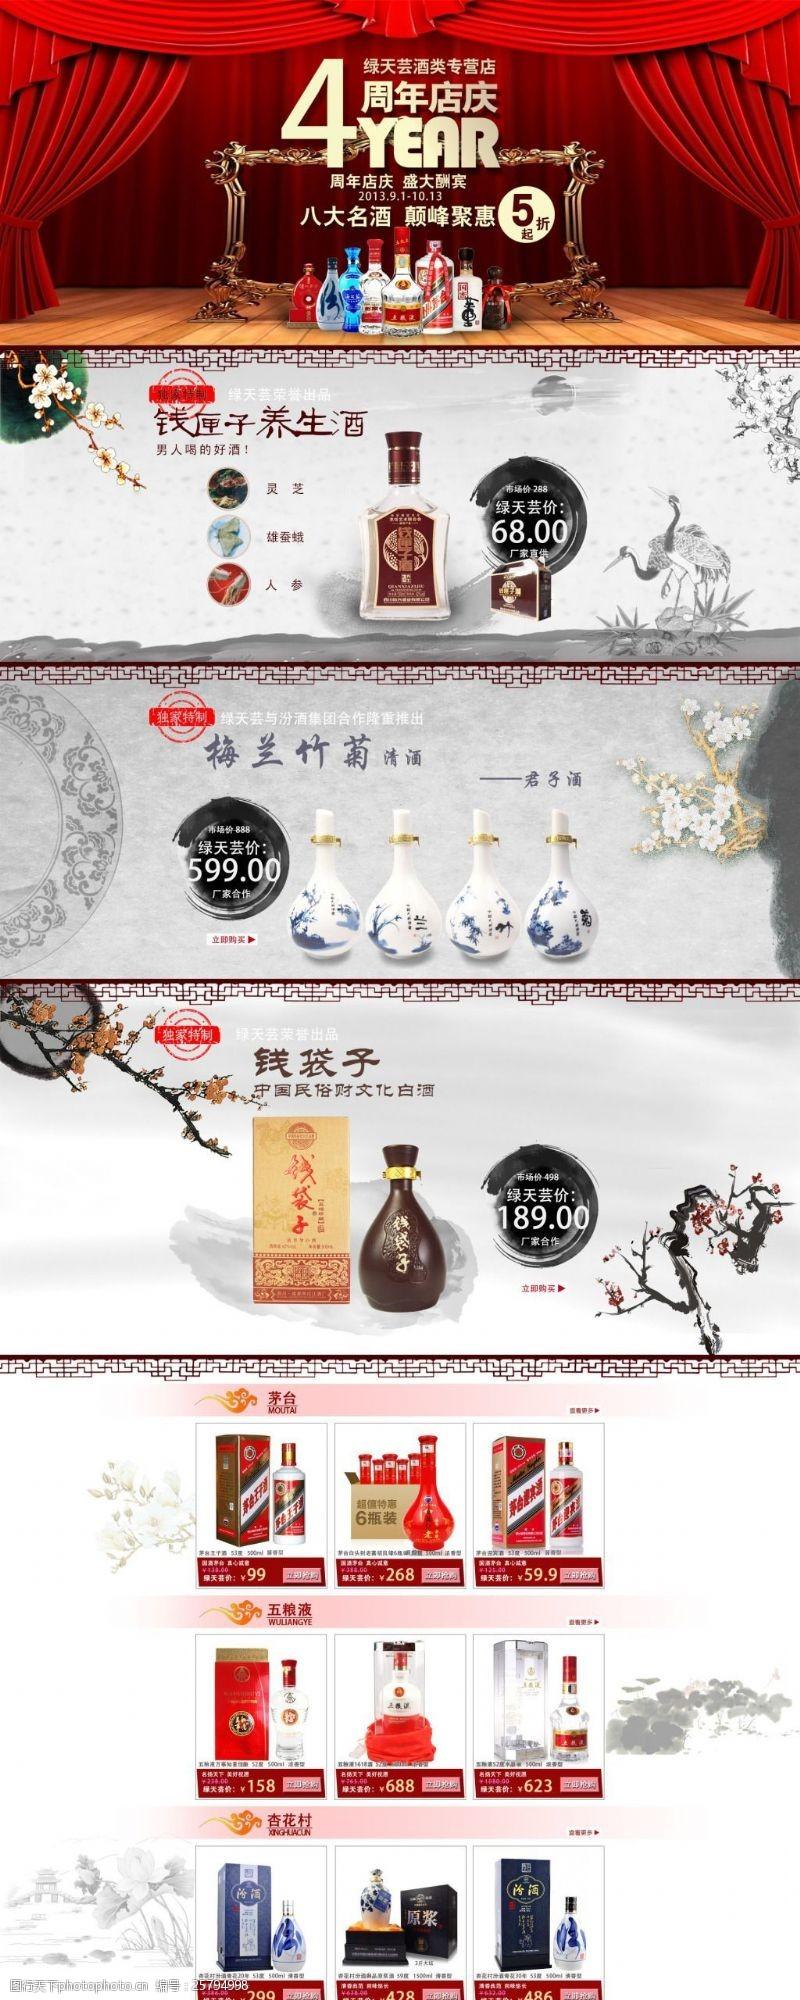 白酒天猫店铺周年庆详情页模板海报